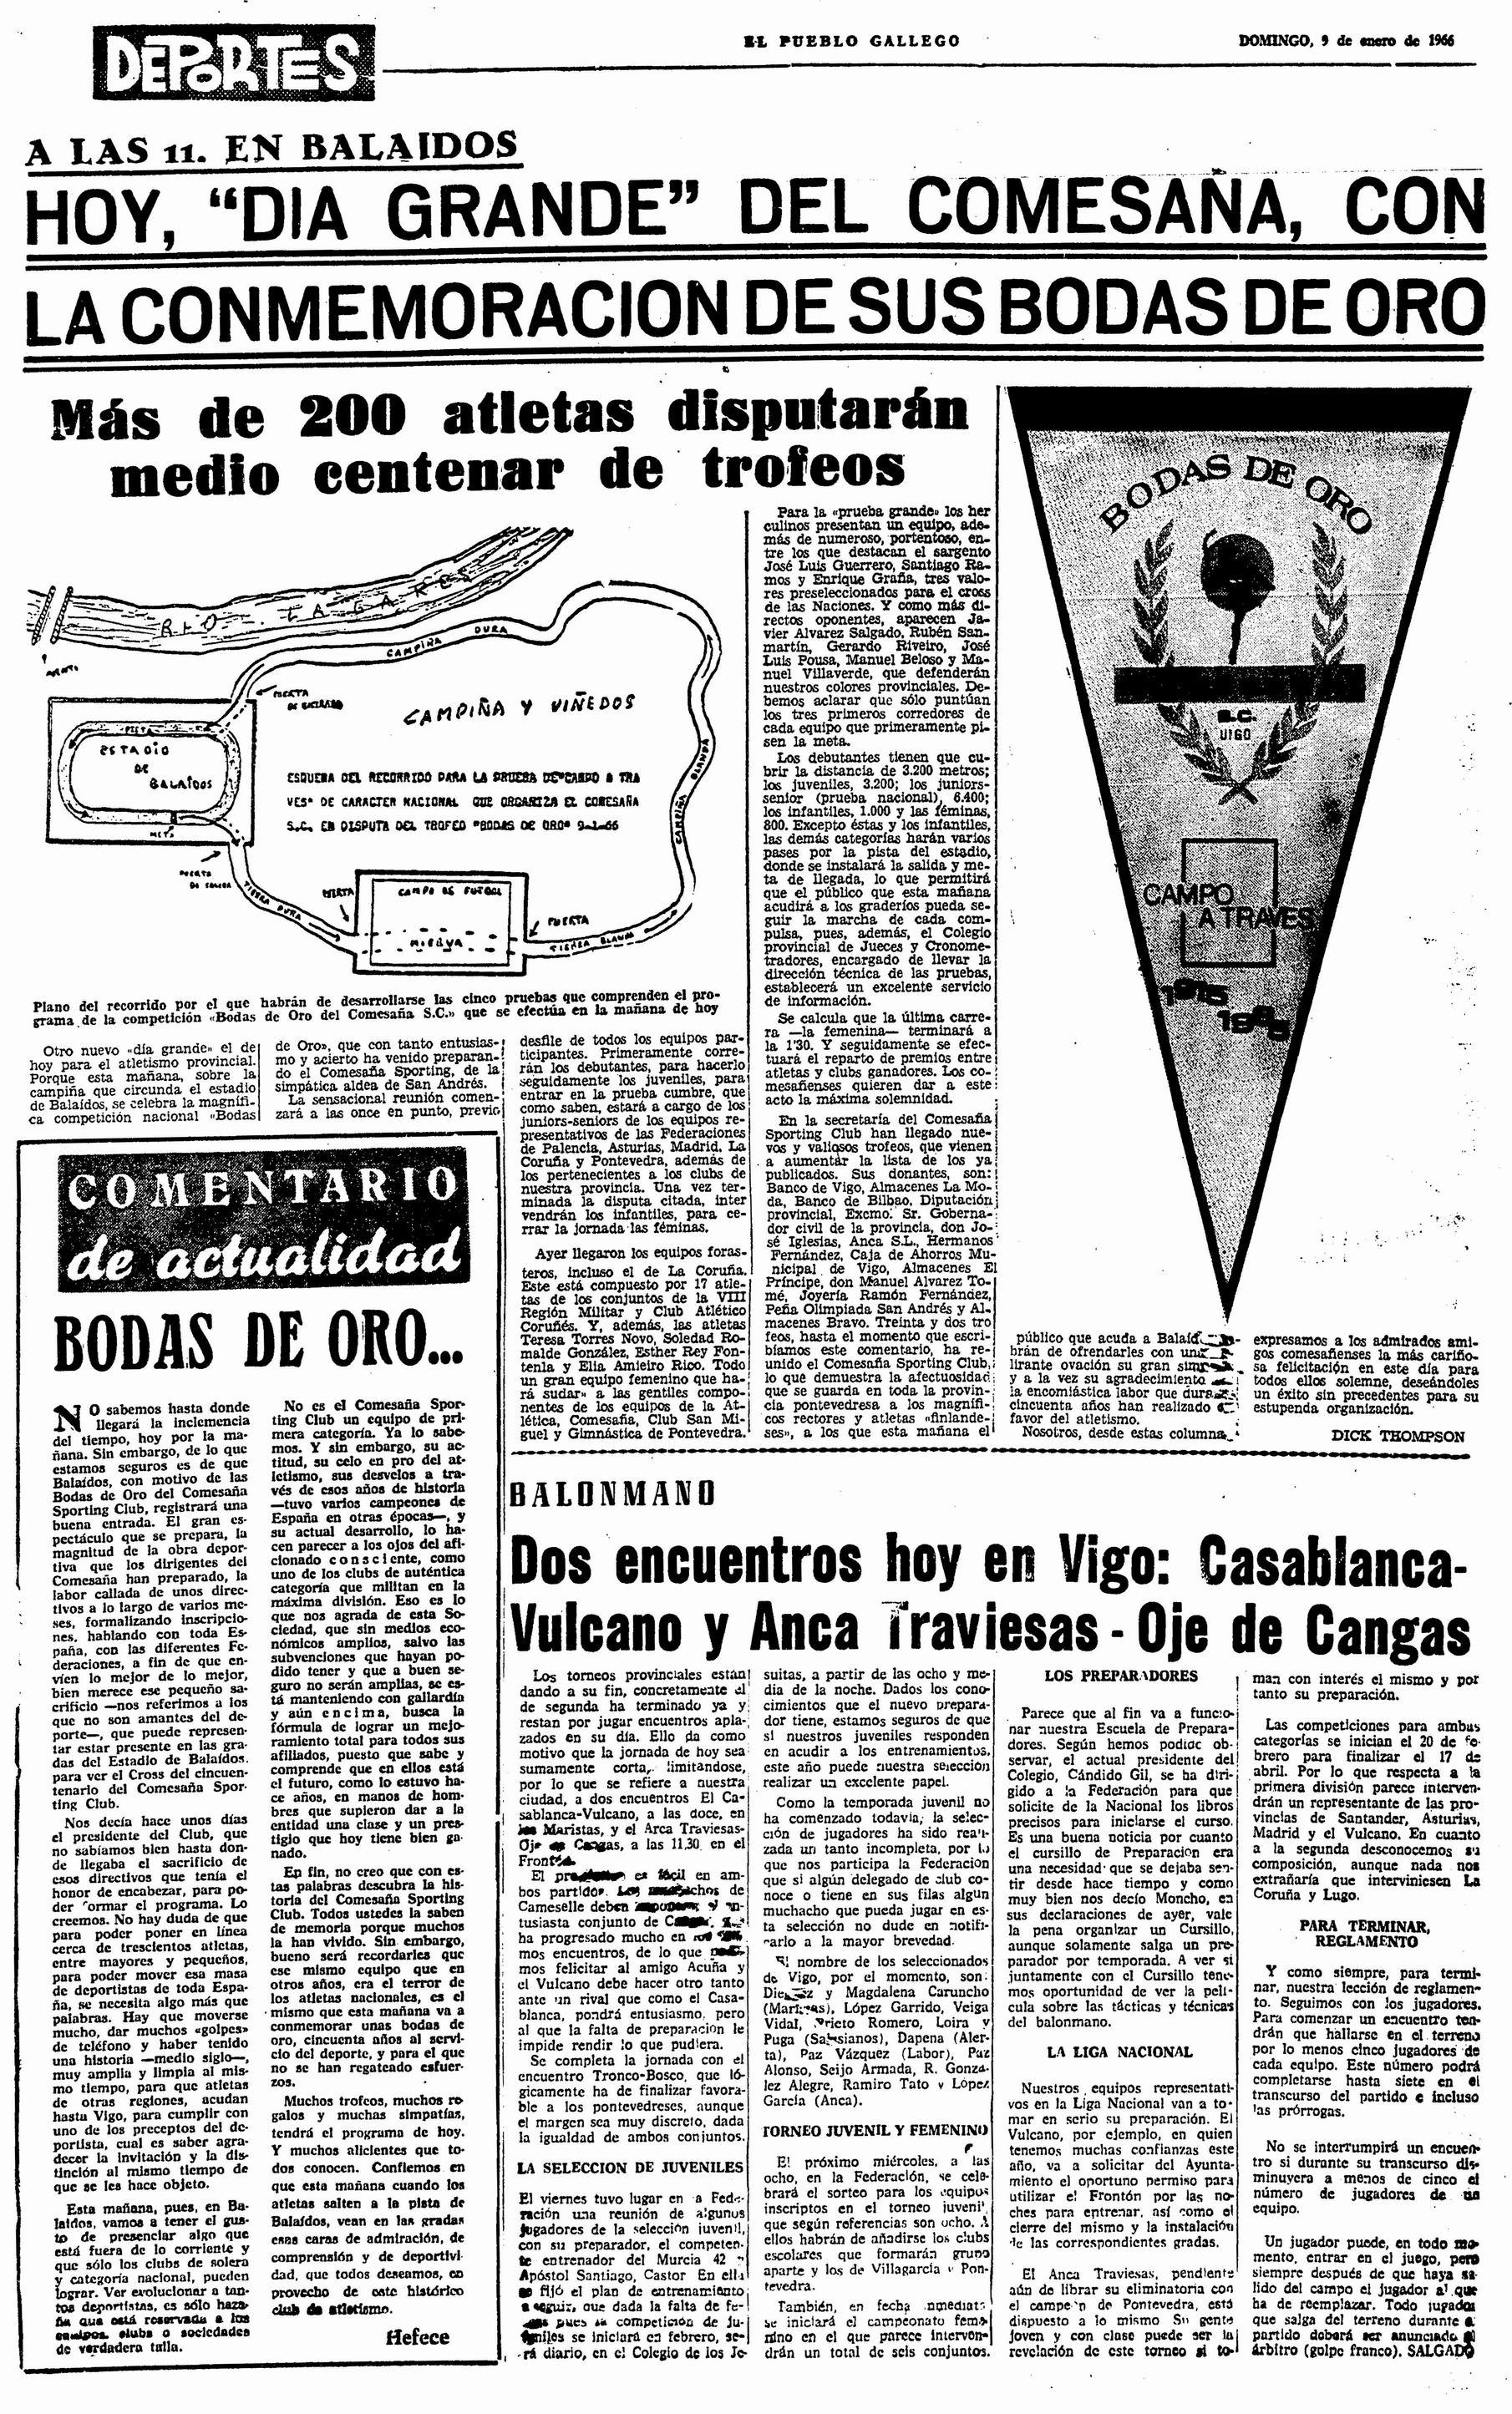 El Pueblo Gallego 09-01-1966